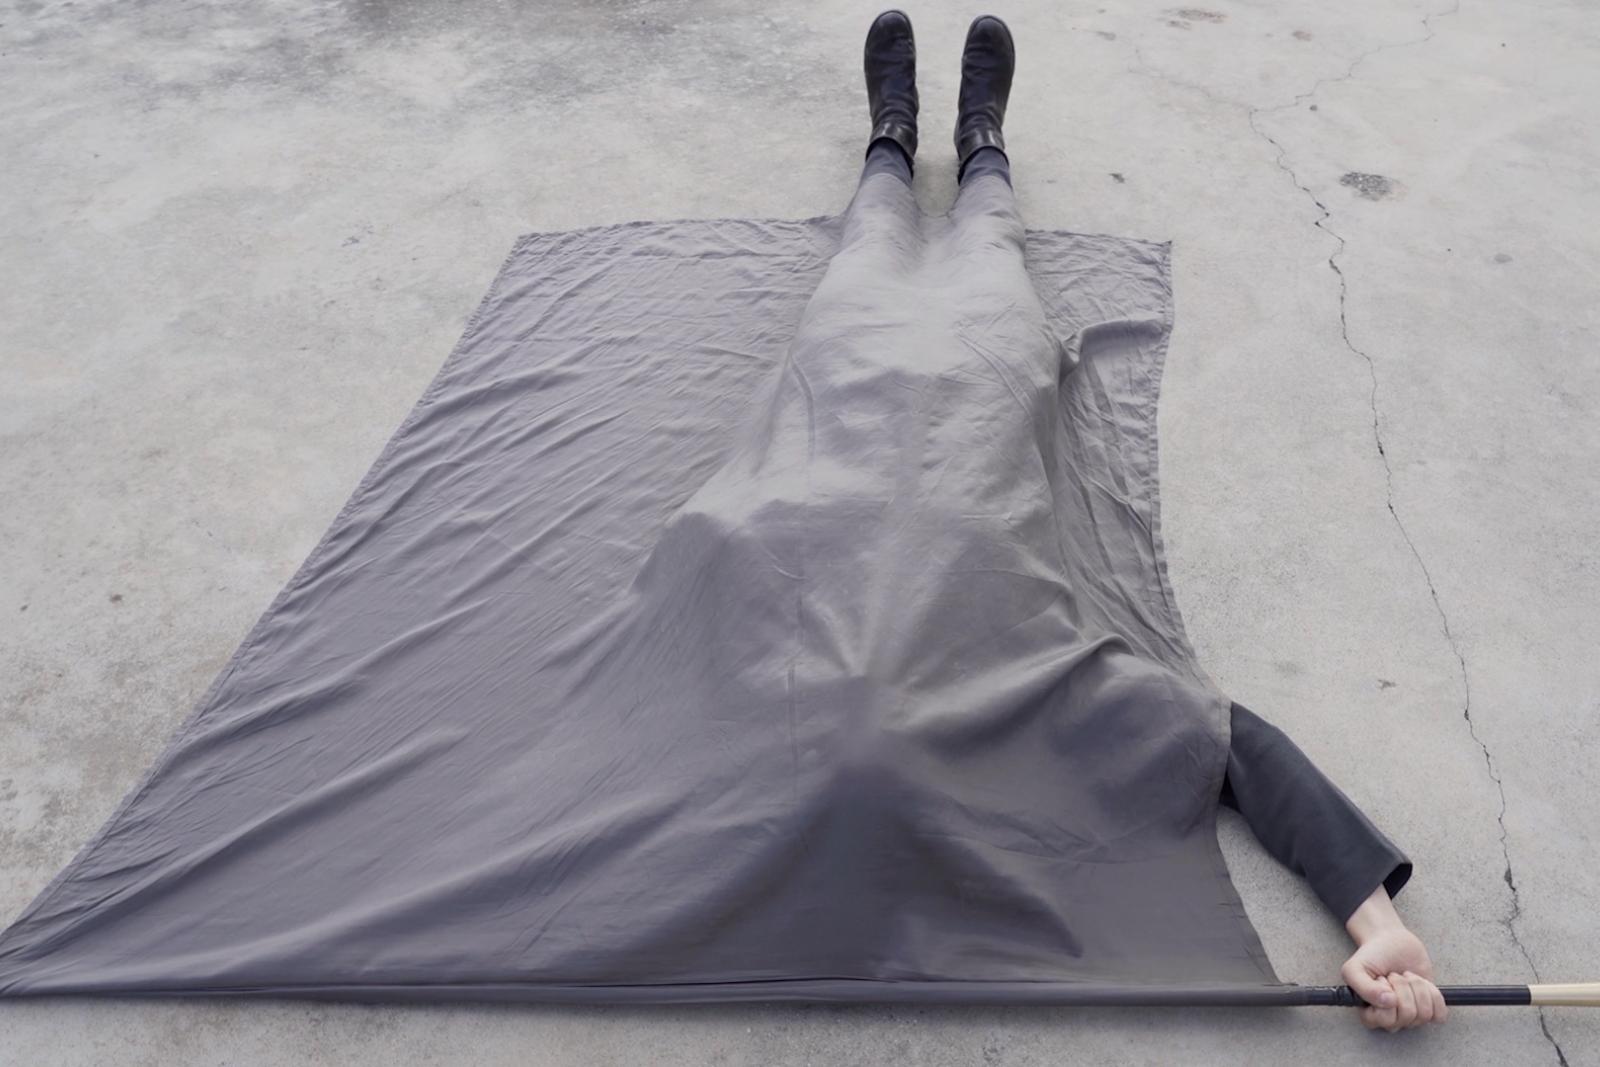 Silver Veiled by Genevra Panzetti and Enrico Ticconi © Ettore Spezza [Video Still]